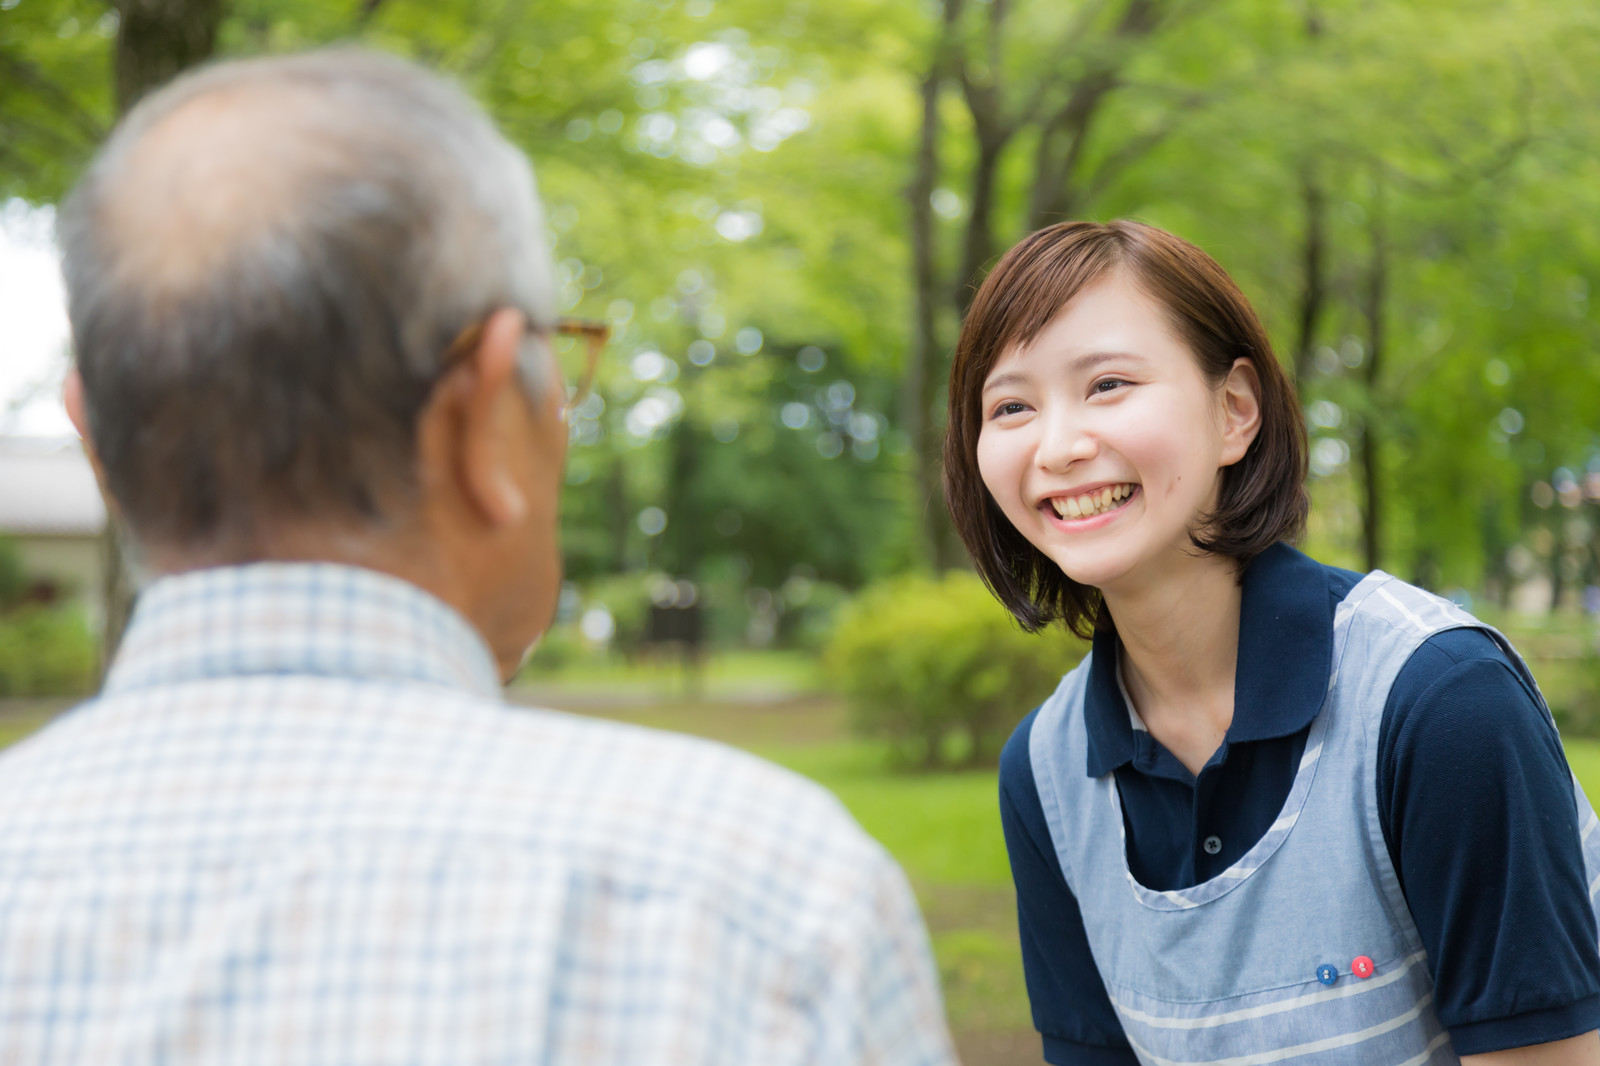 「お爺さんの昔話を笑顔で聞く介護士の女性」の写真[モデル:まーちゃん yumiko]